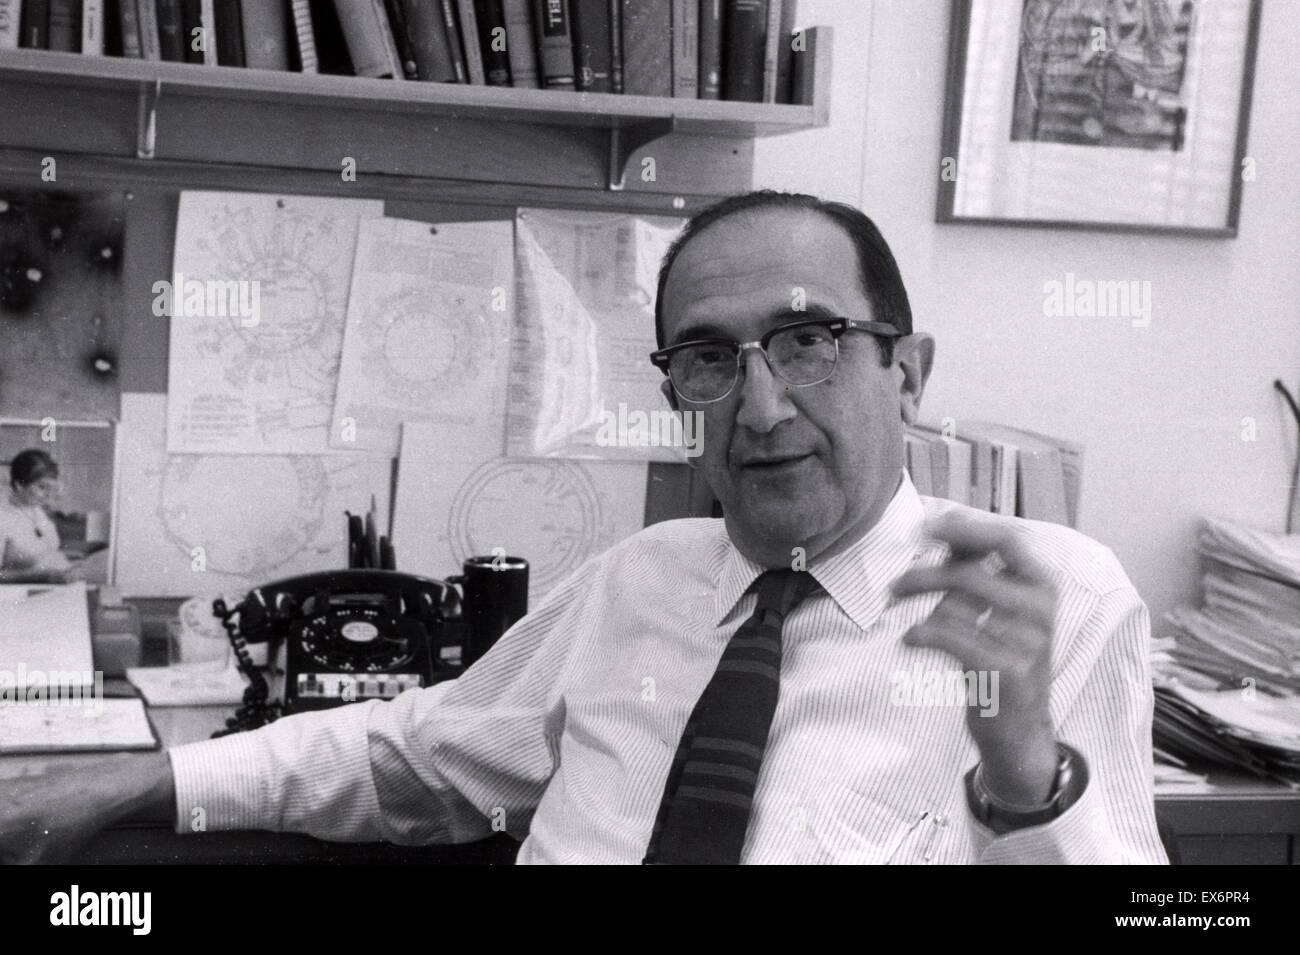 Salvador Luria dans son bureau au MIT à Boston 1967. Salvador Edward Luria (1912 - 1991) chercheur en génétique italienne et microbiologiste, plus tard naturalisé citoyen Américain. Il a gagné le Prix Nobel de physiologie ou médecine en 1969 Banque D'Images